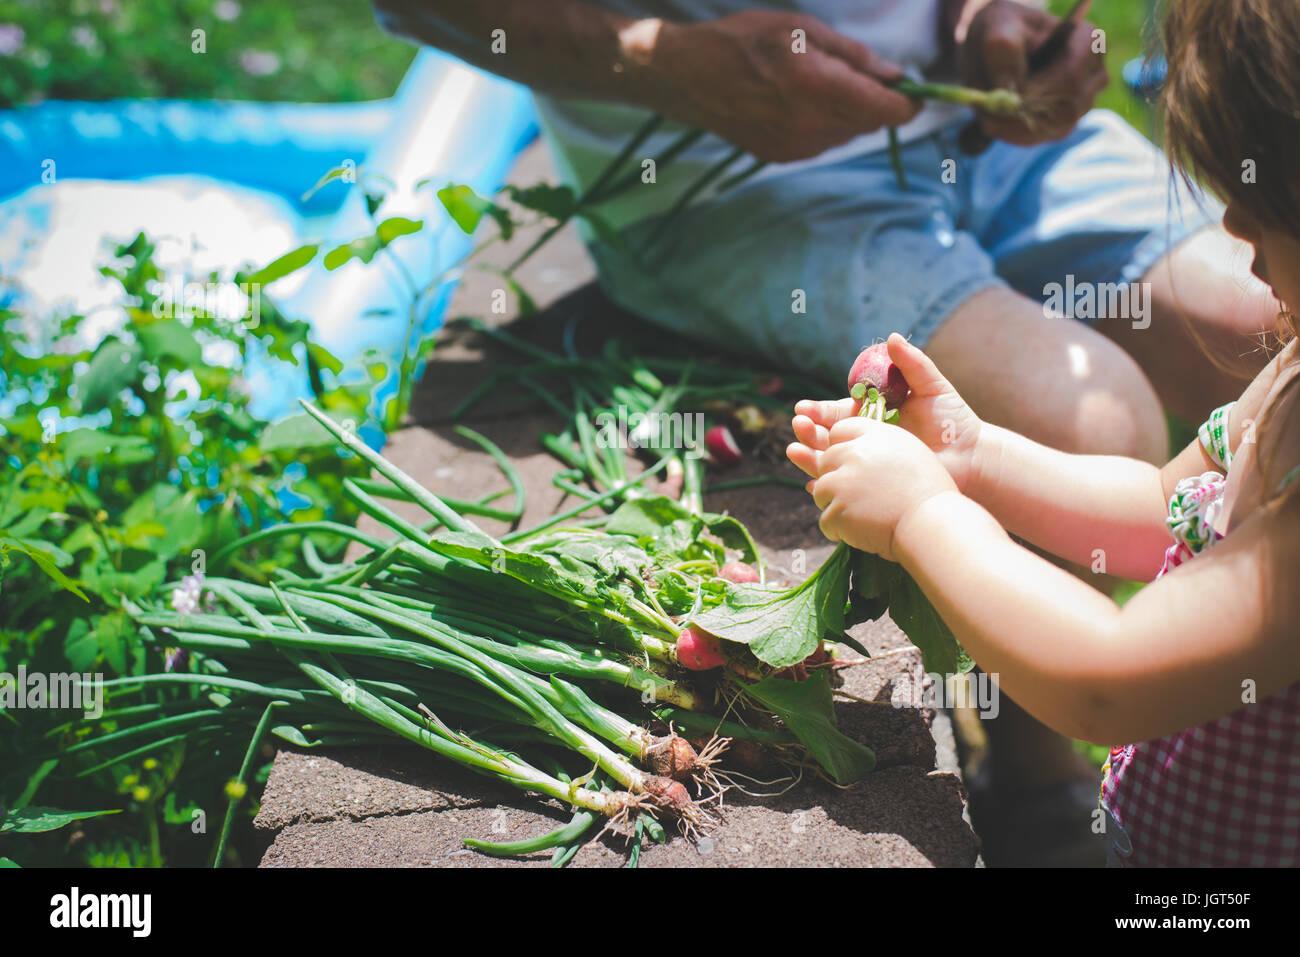 Un nonno provvede a tagliare le verdure fresche dal giardino con la sua nipote. Immagini Stock